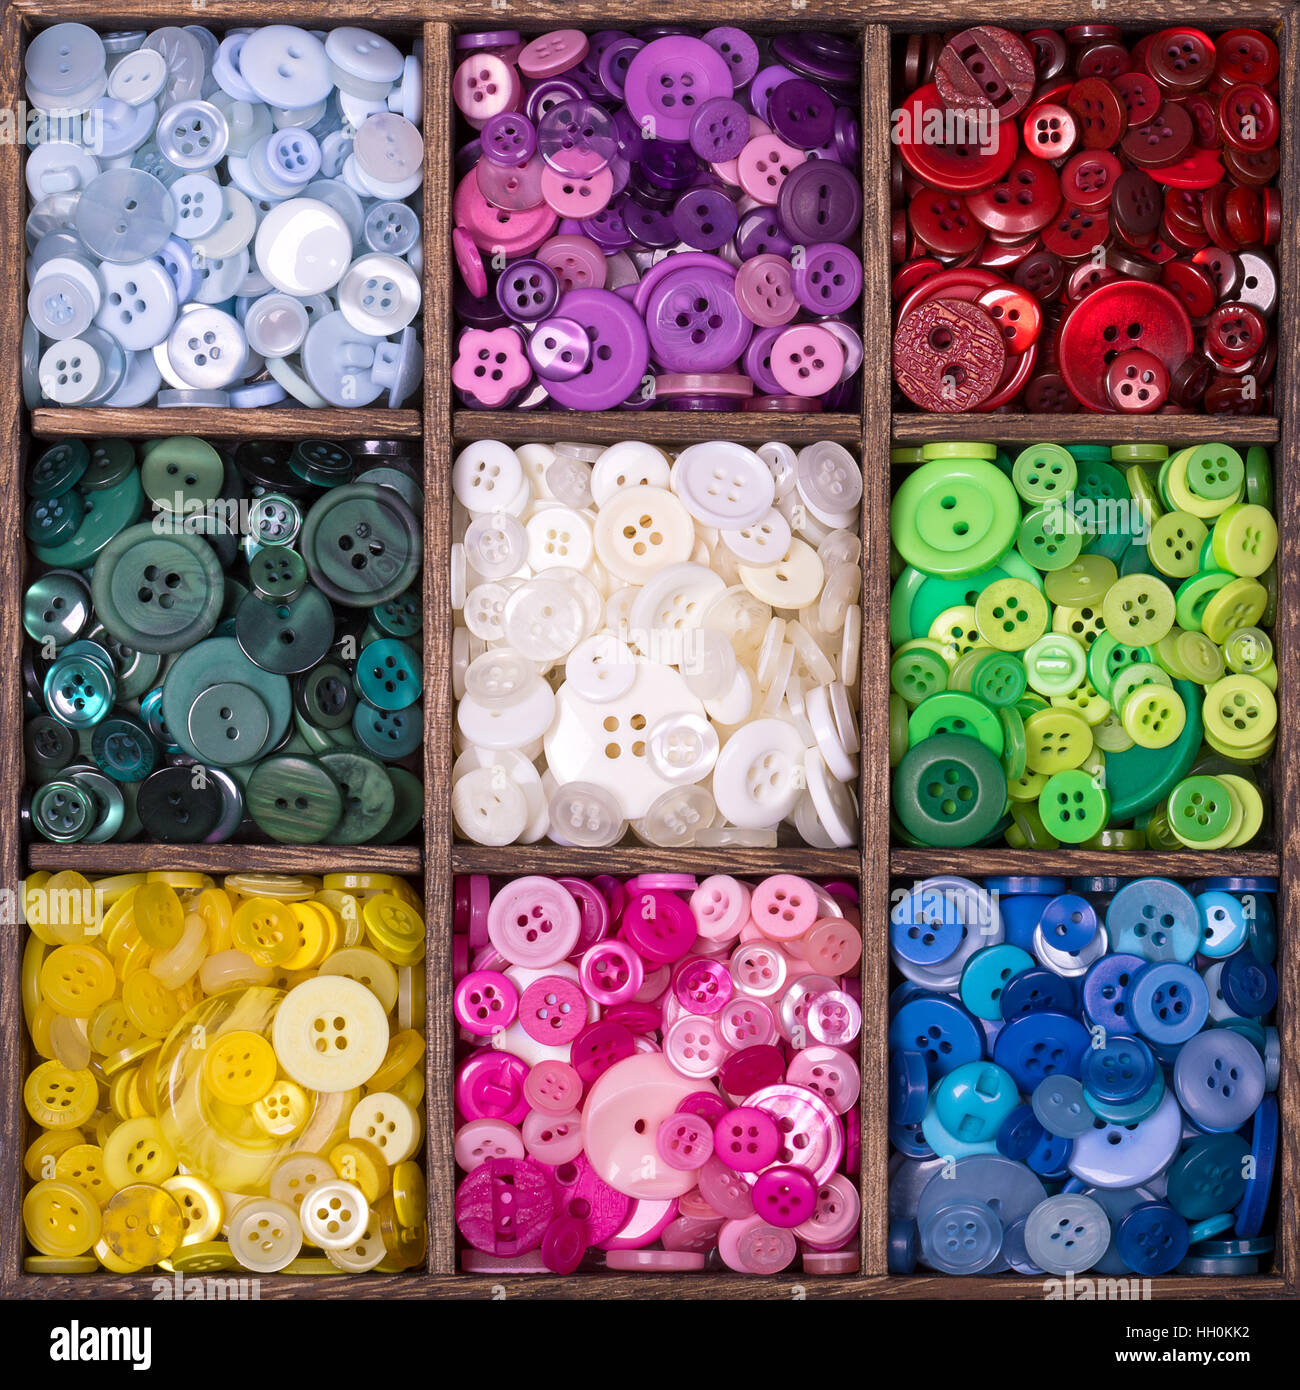 Caja de almacenamiento de madera cuadrada con 9 compartimentos, rellenos con una selección de coloridos botones agrupados por color. Foto de stock